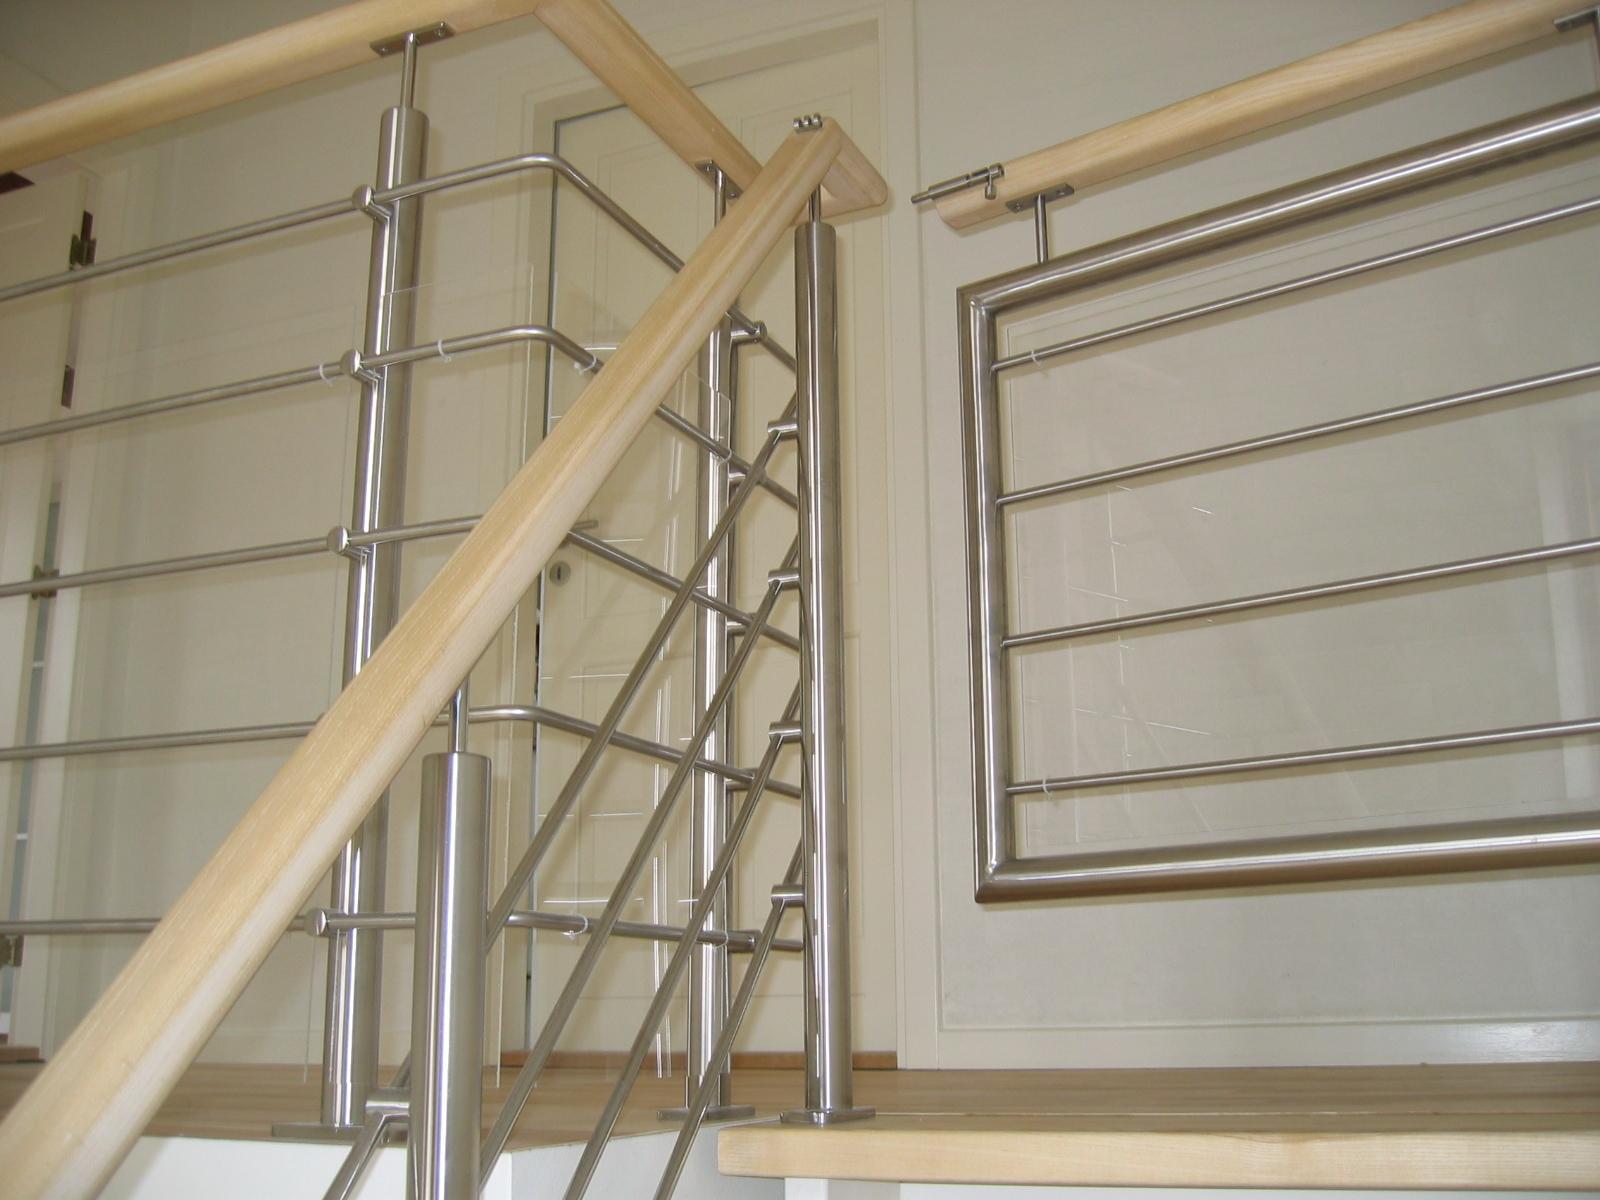 Gelænder til trappe udført i rustfast stål, træ og glas.